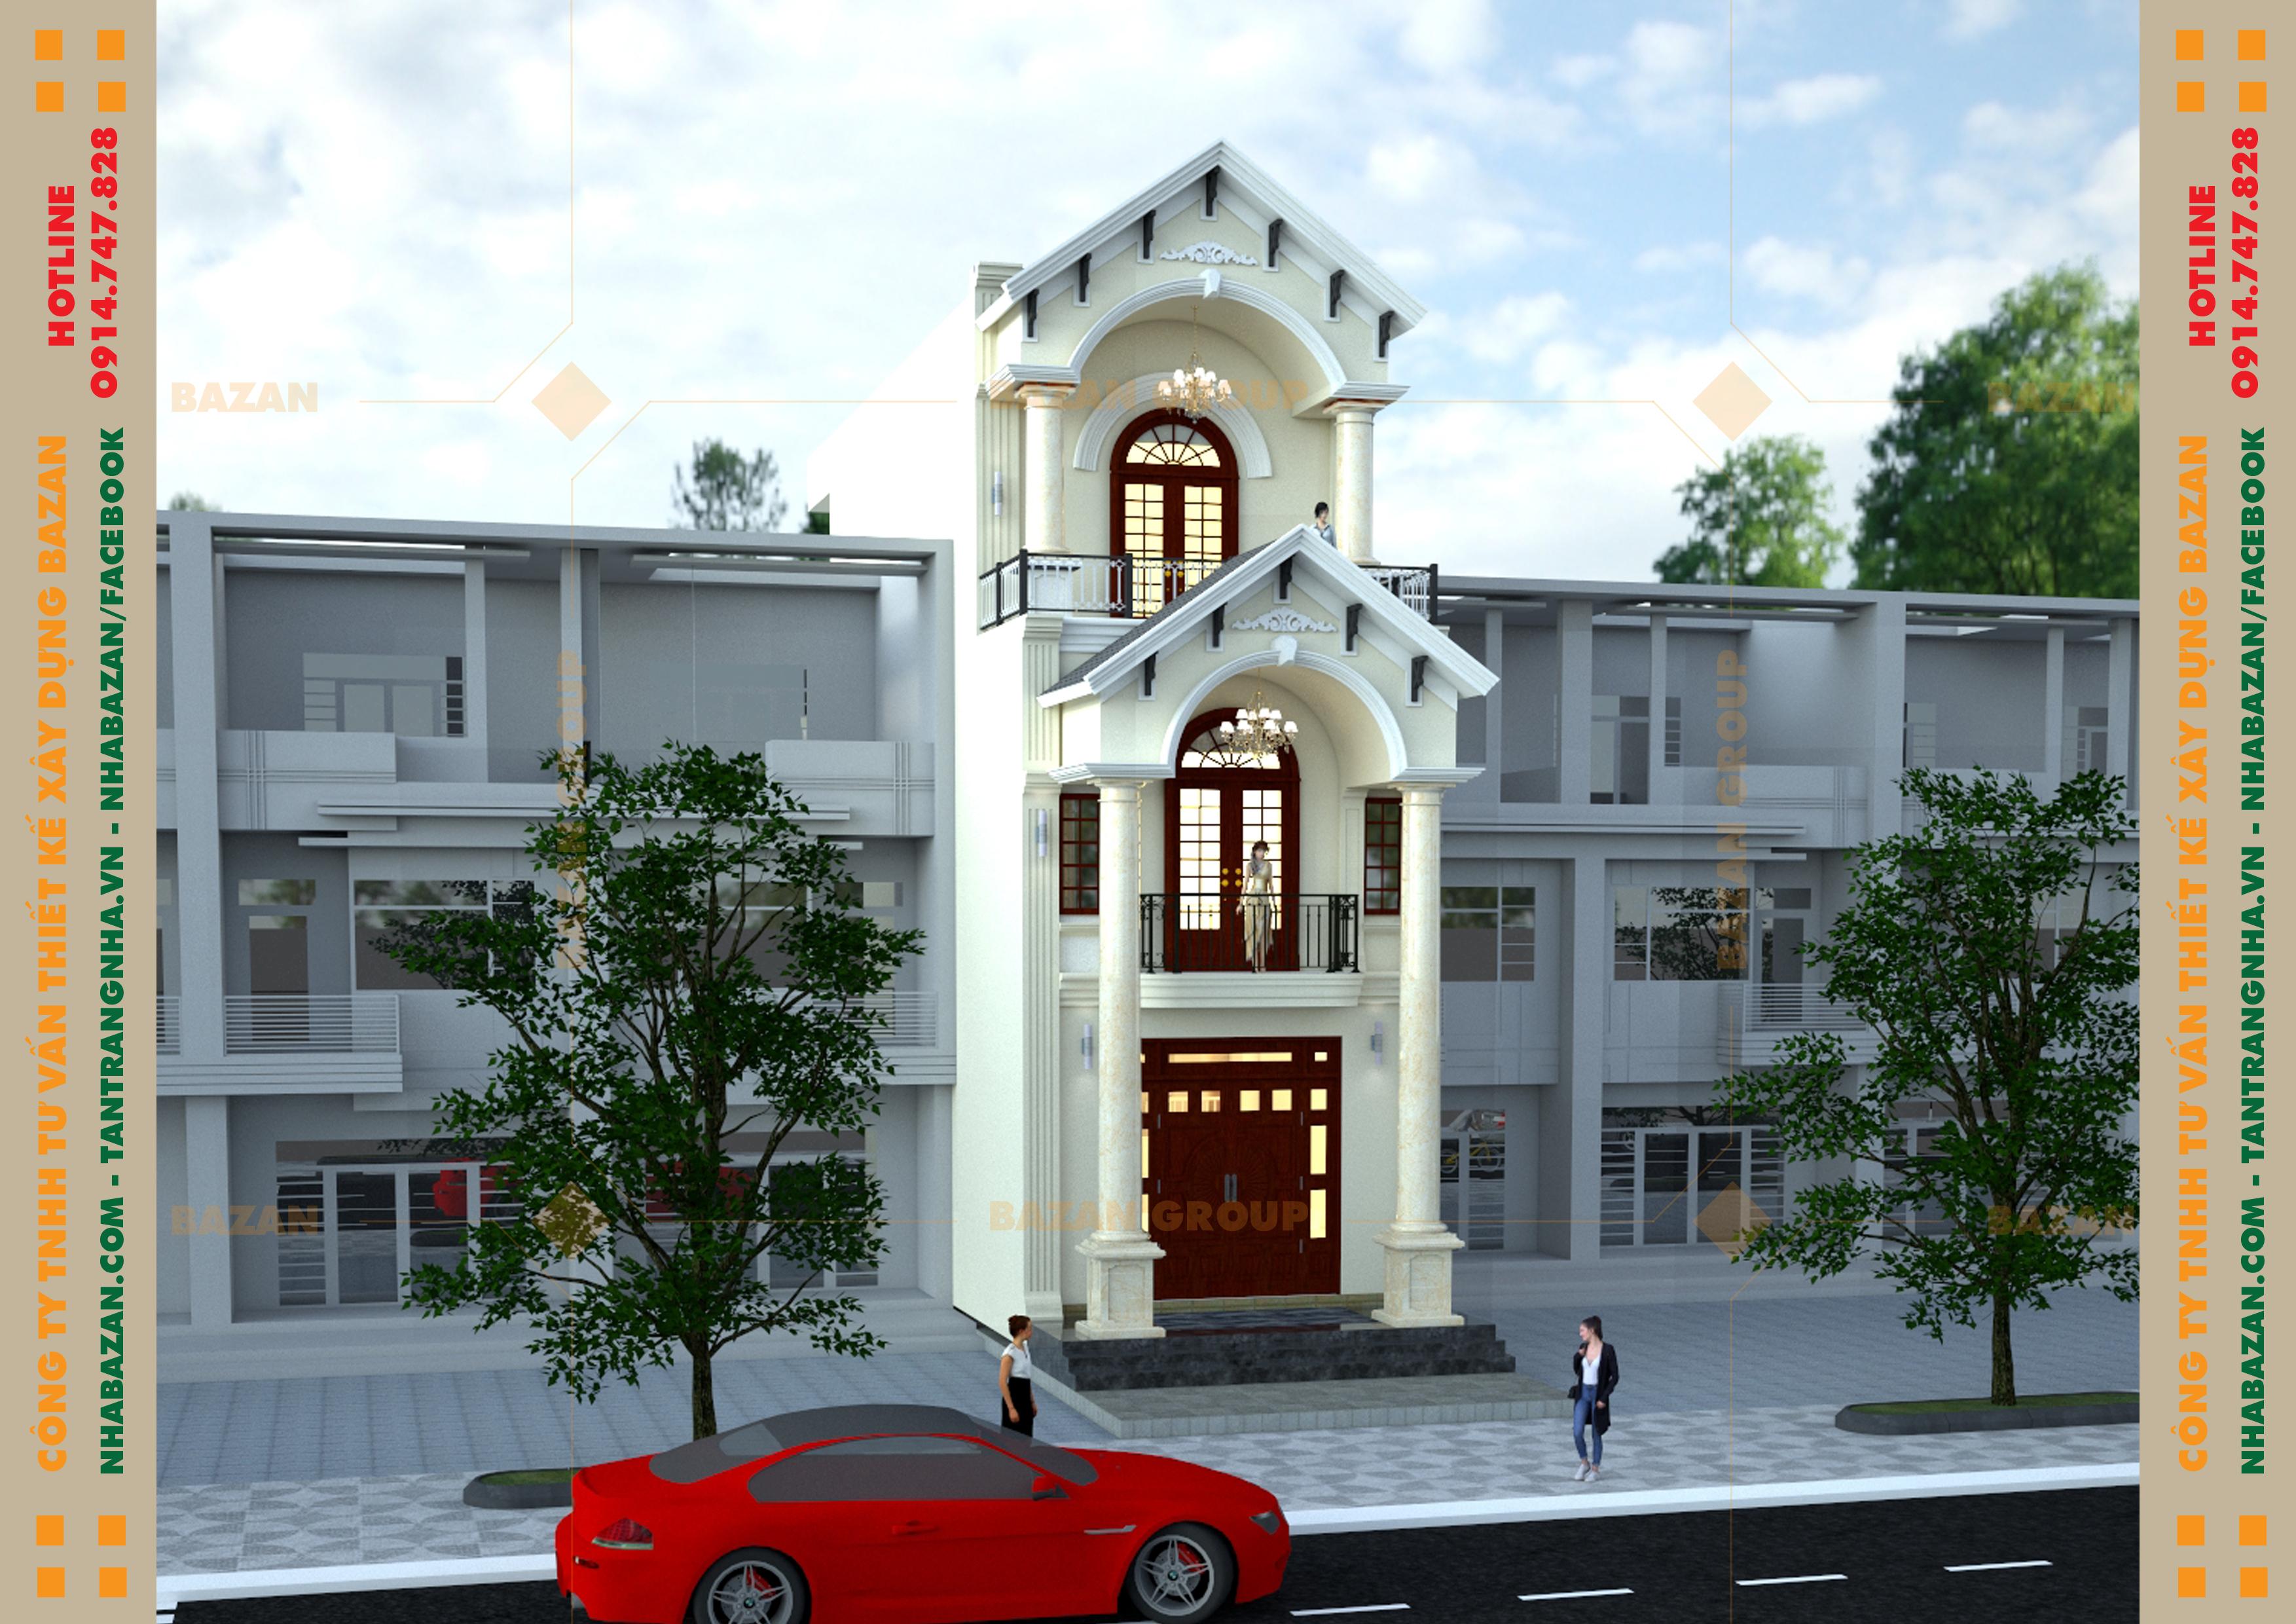 Mẫu Thiết Kế Nhà Phố 3 Tầng Tân Cổ Điển Tại Quận Gò Vấp TPHCM